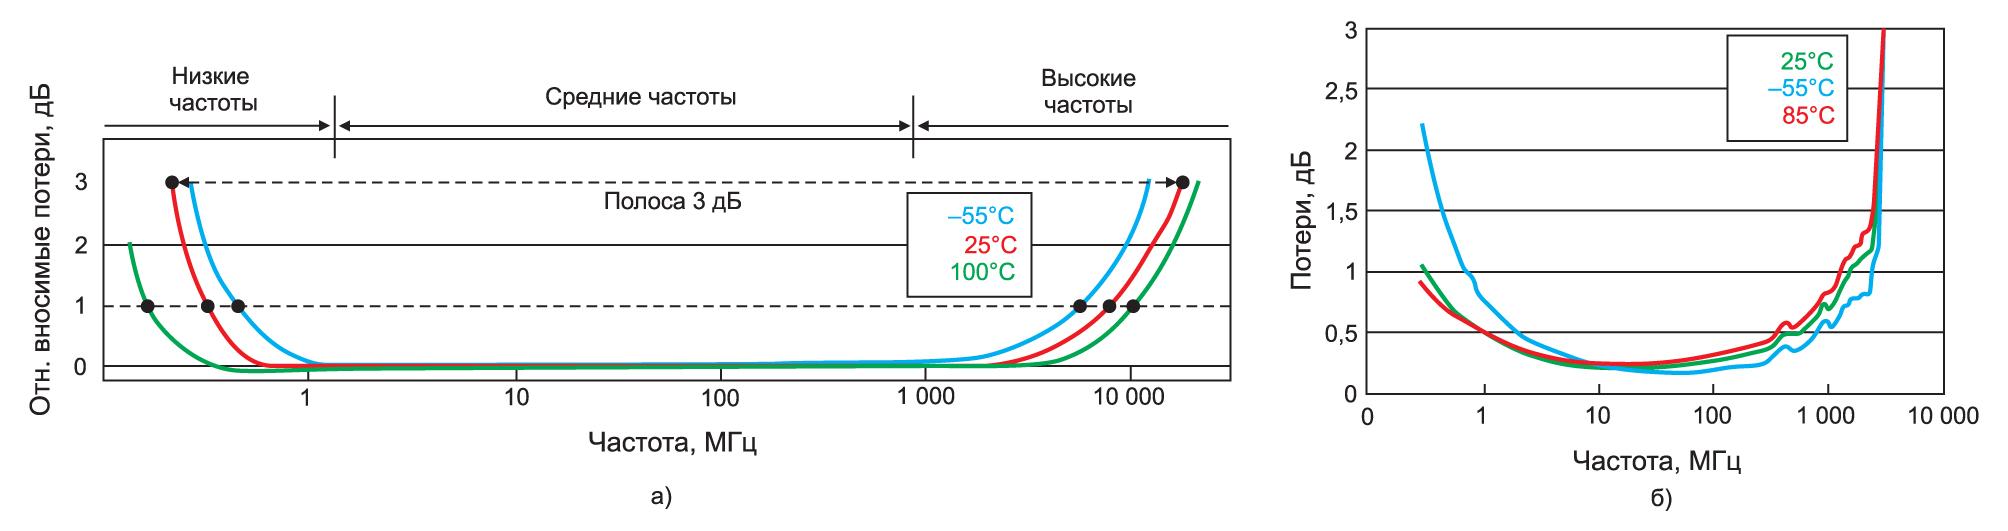 Теоретический частотный отклик трансформатора и результаты измерения